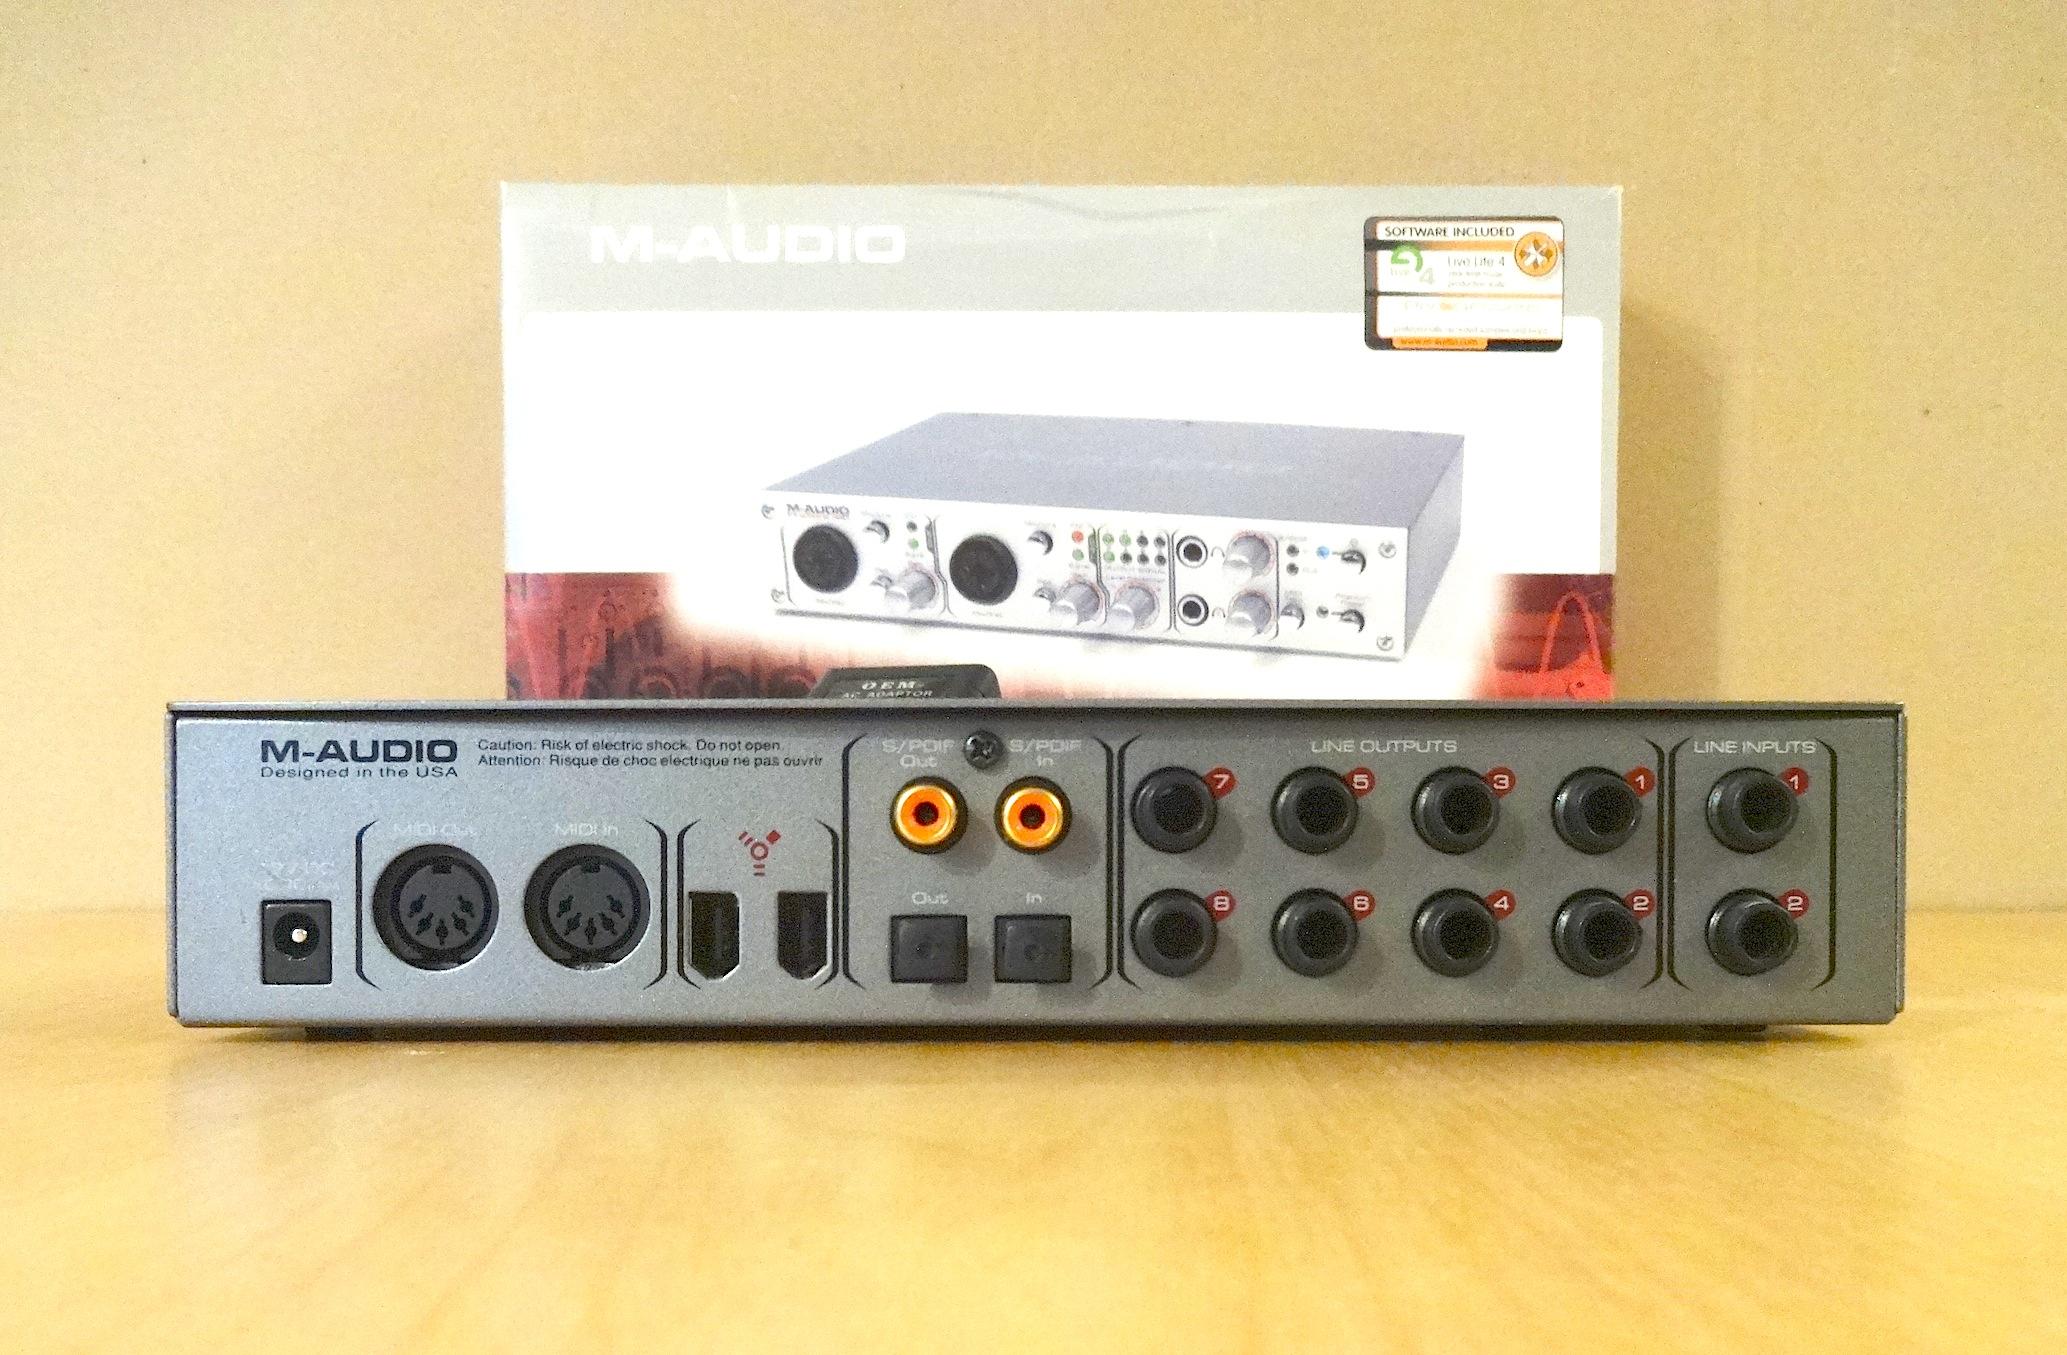 M audio firewire 410 скачать драйвер